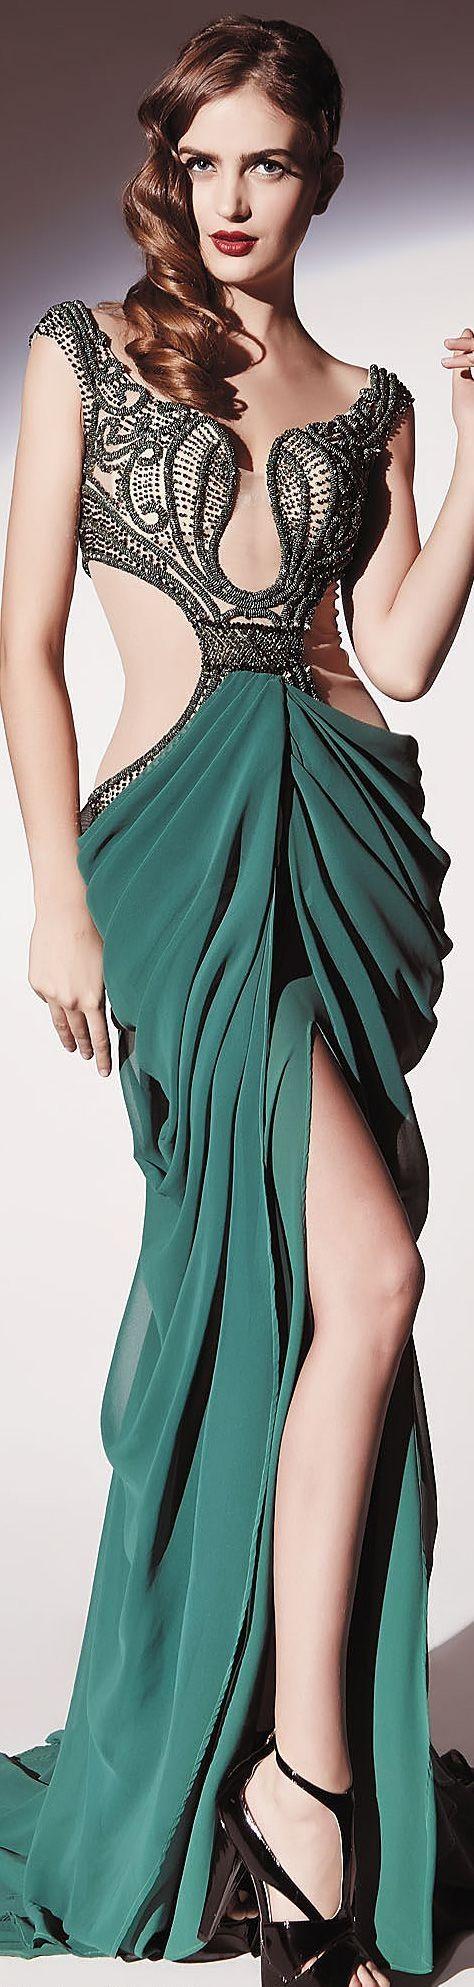 Ideia interessante, gosto da disposição do bordado e do drama na saia. só a confecção que não está muuuuuuuito perfeita. Dany Tabet  2014